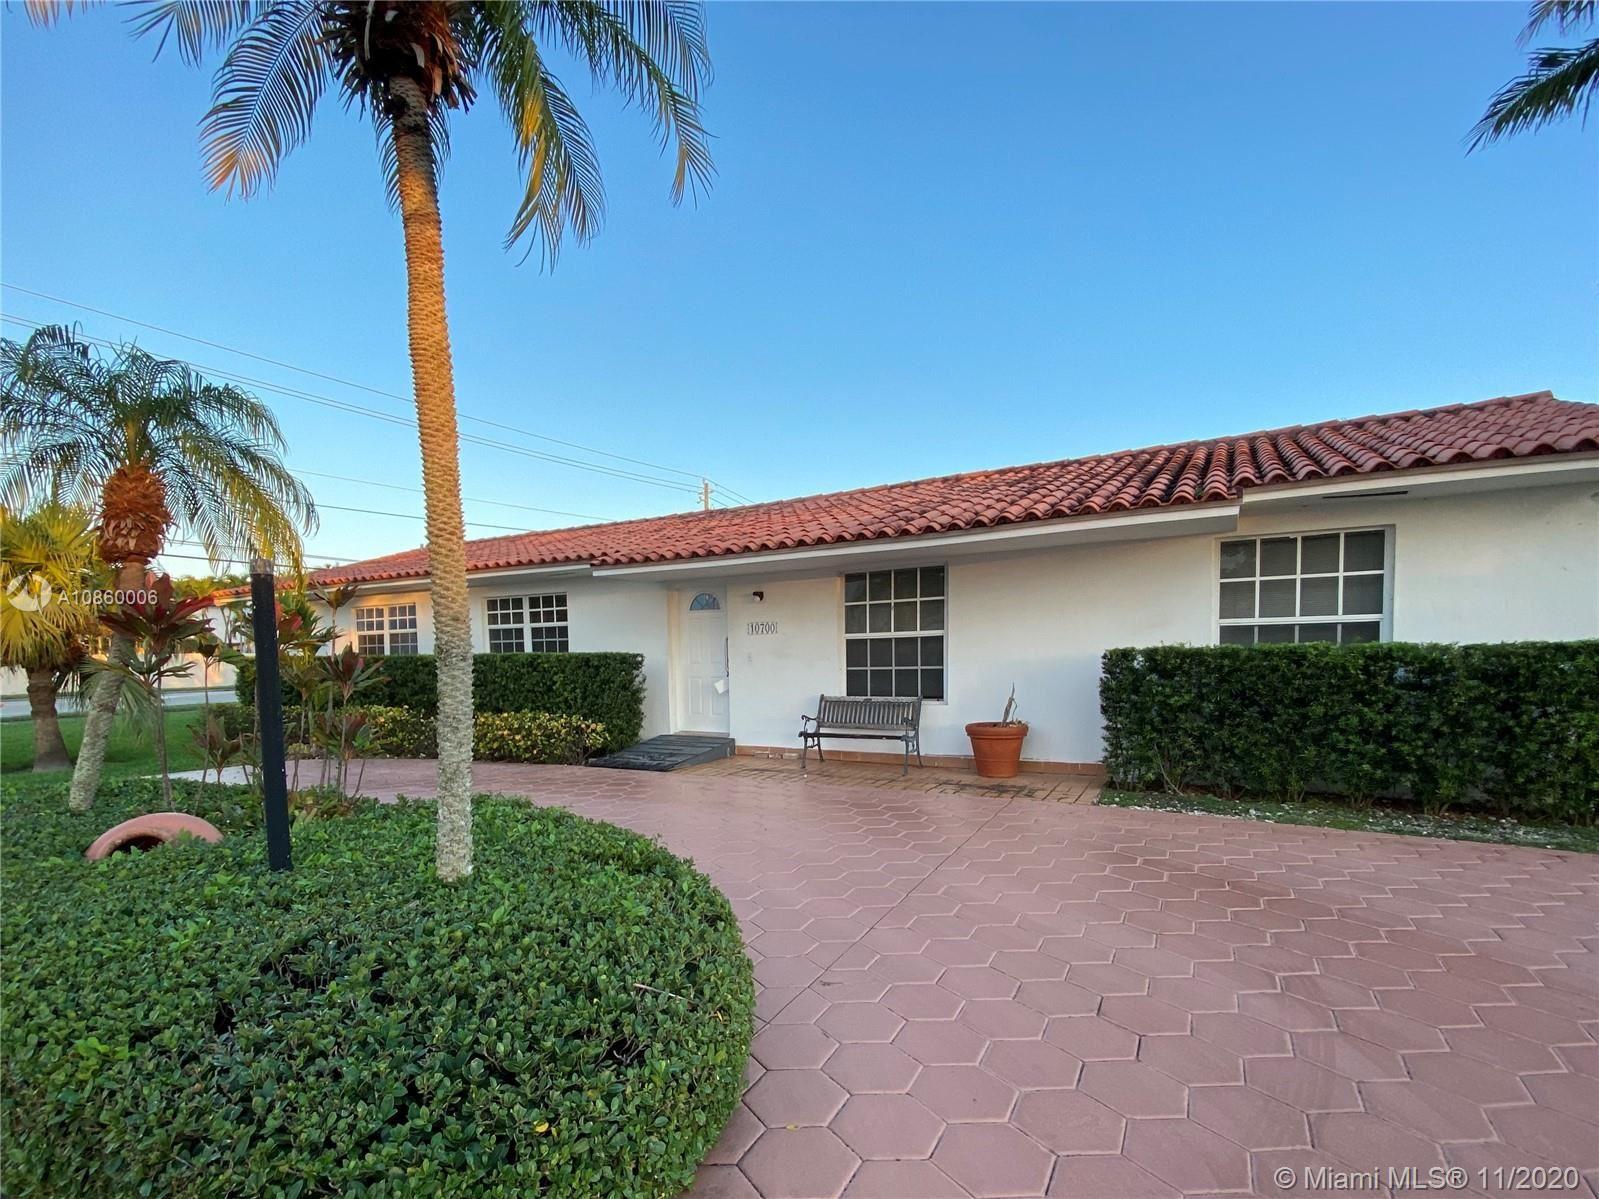 10700 SW 66th Ter, Miami, FL 33173 - #: A10860006